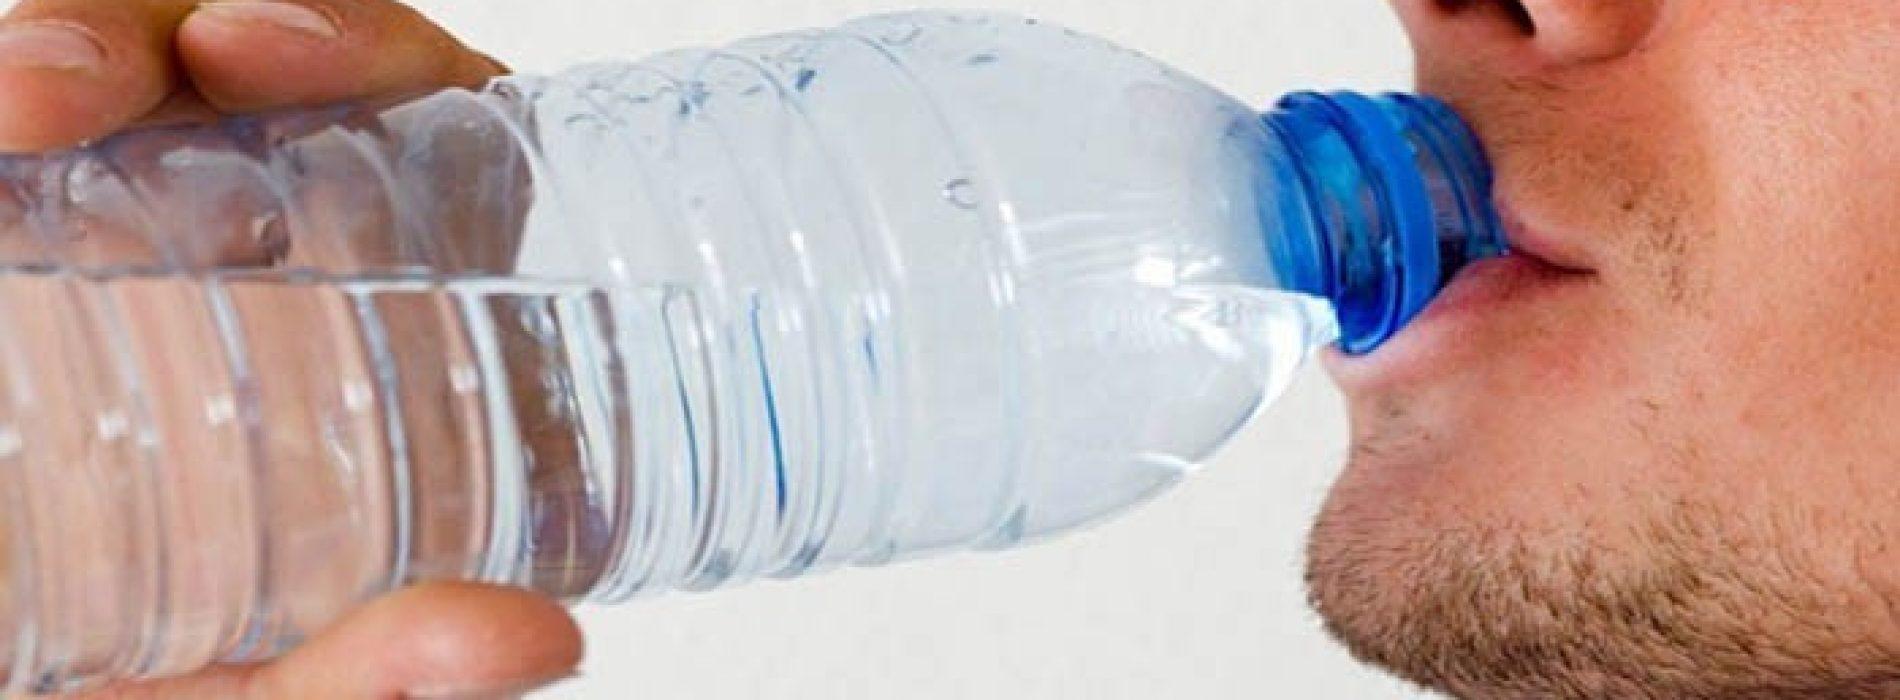 Dit is waarom je nooit water uit een plastic flesje moet drinken!